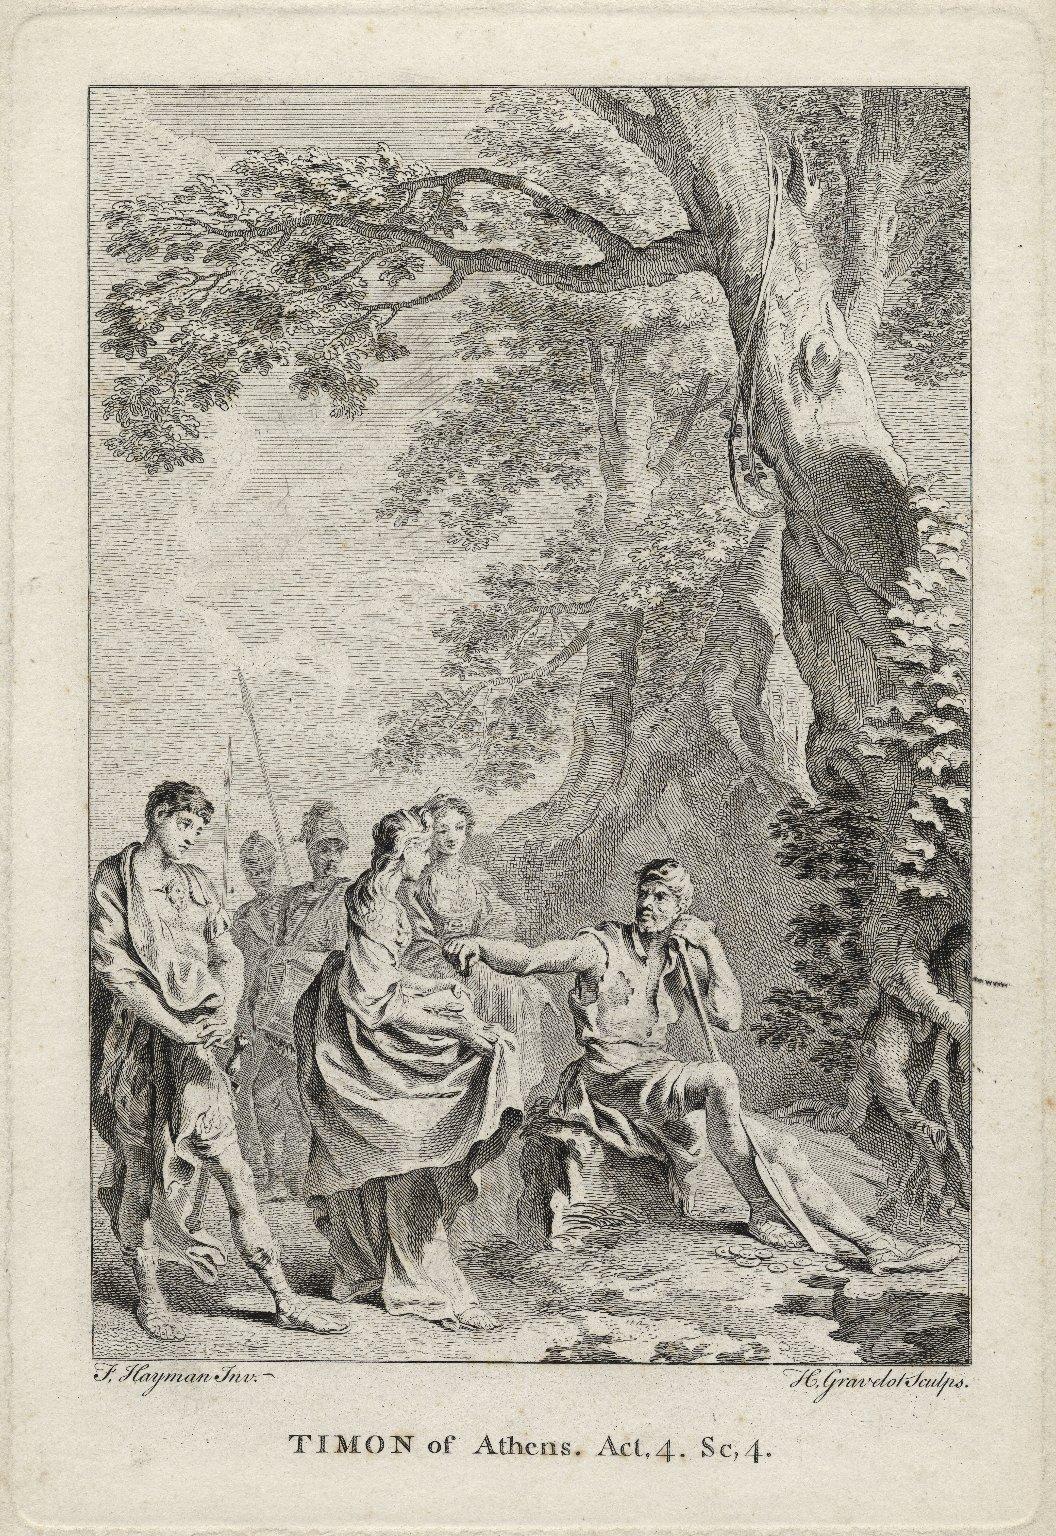 Timon of Athens, act 4, sc. 4 [i.e. scene 3] [graphic] / F. Hayman inv. ; H. Gravelot sculps.